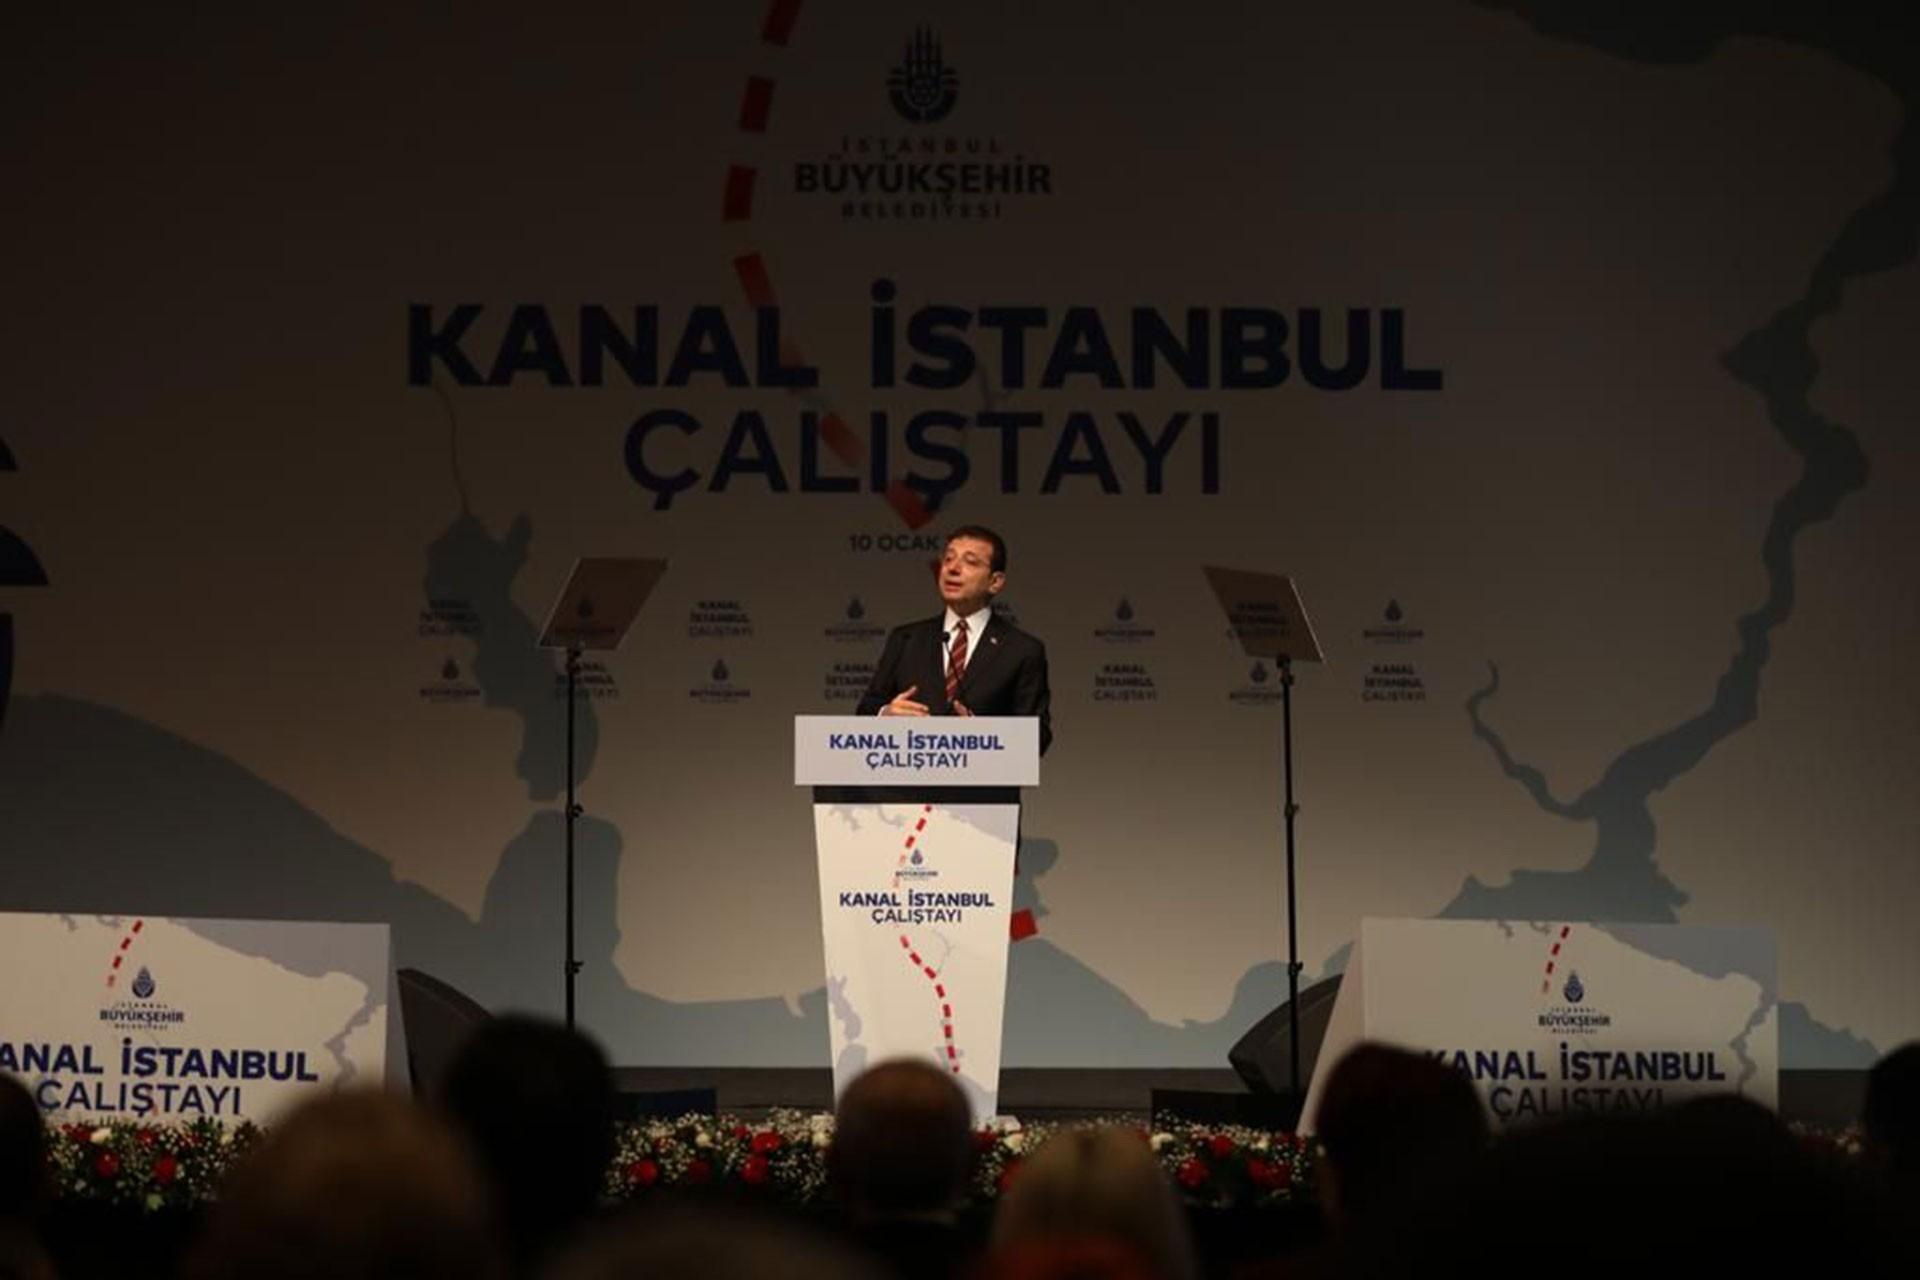 Kanal İstanbul Çalıştayı'nda konuşan Ekrem İmamoğlu